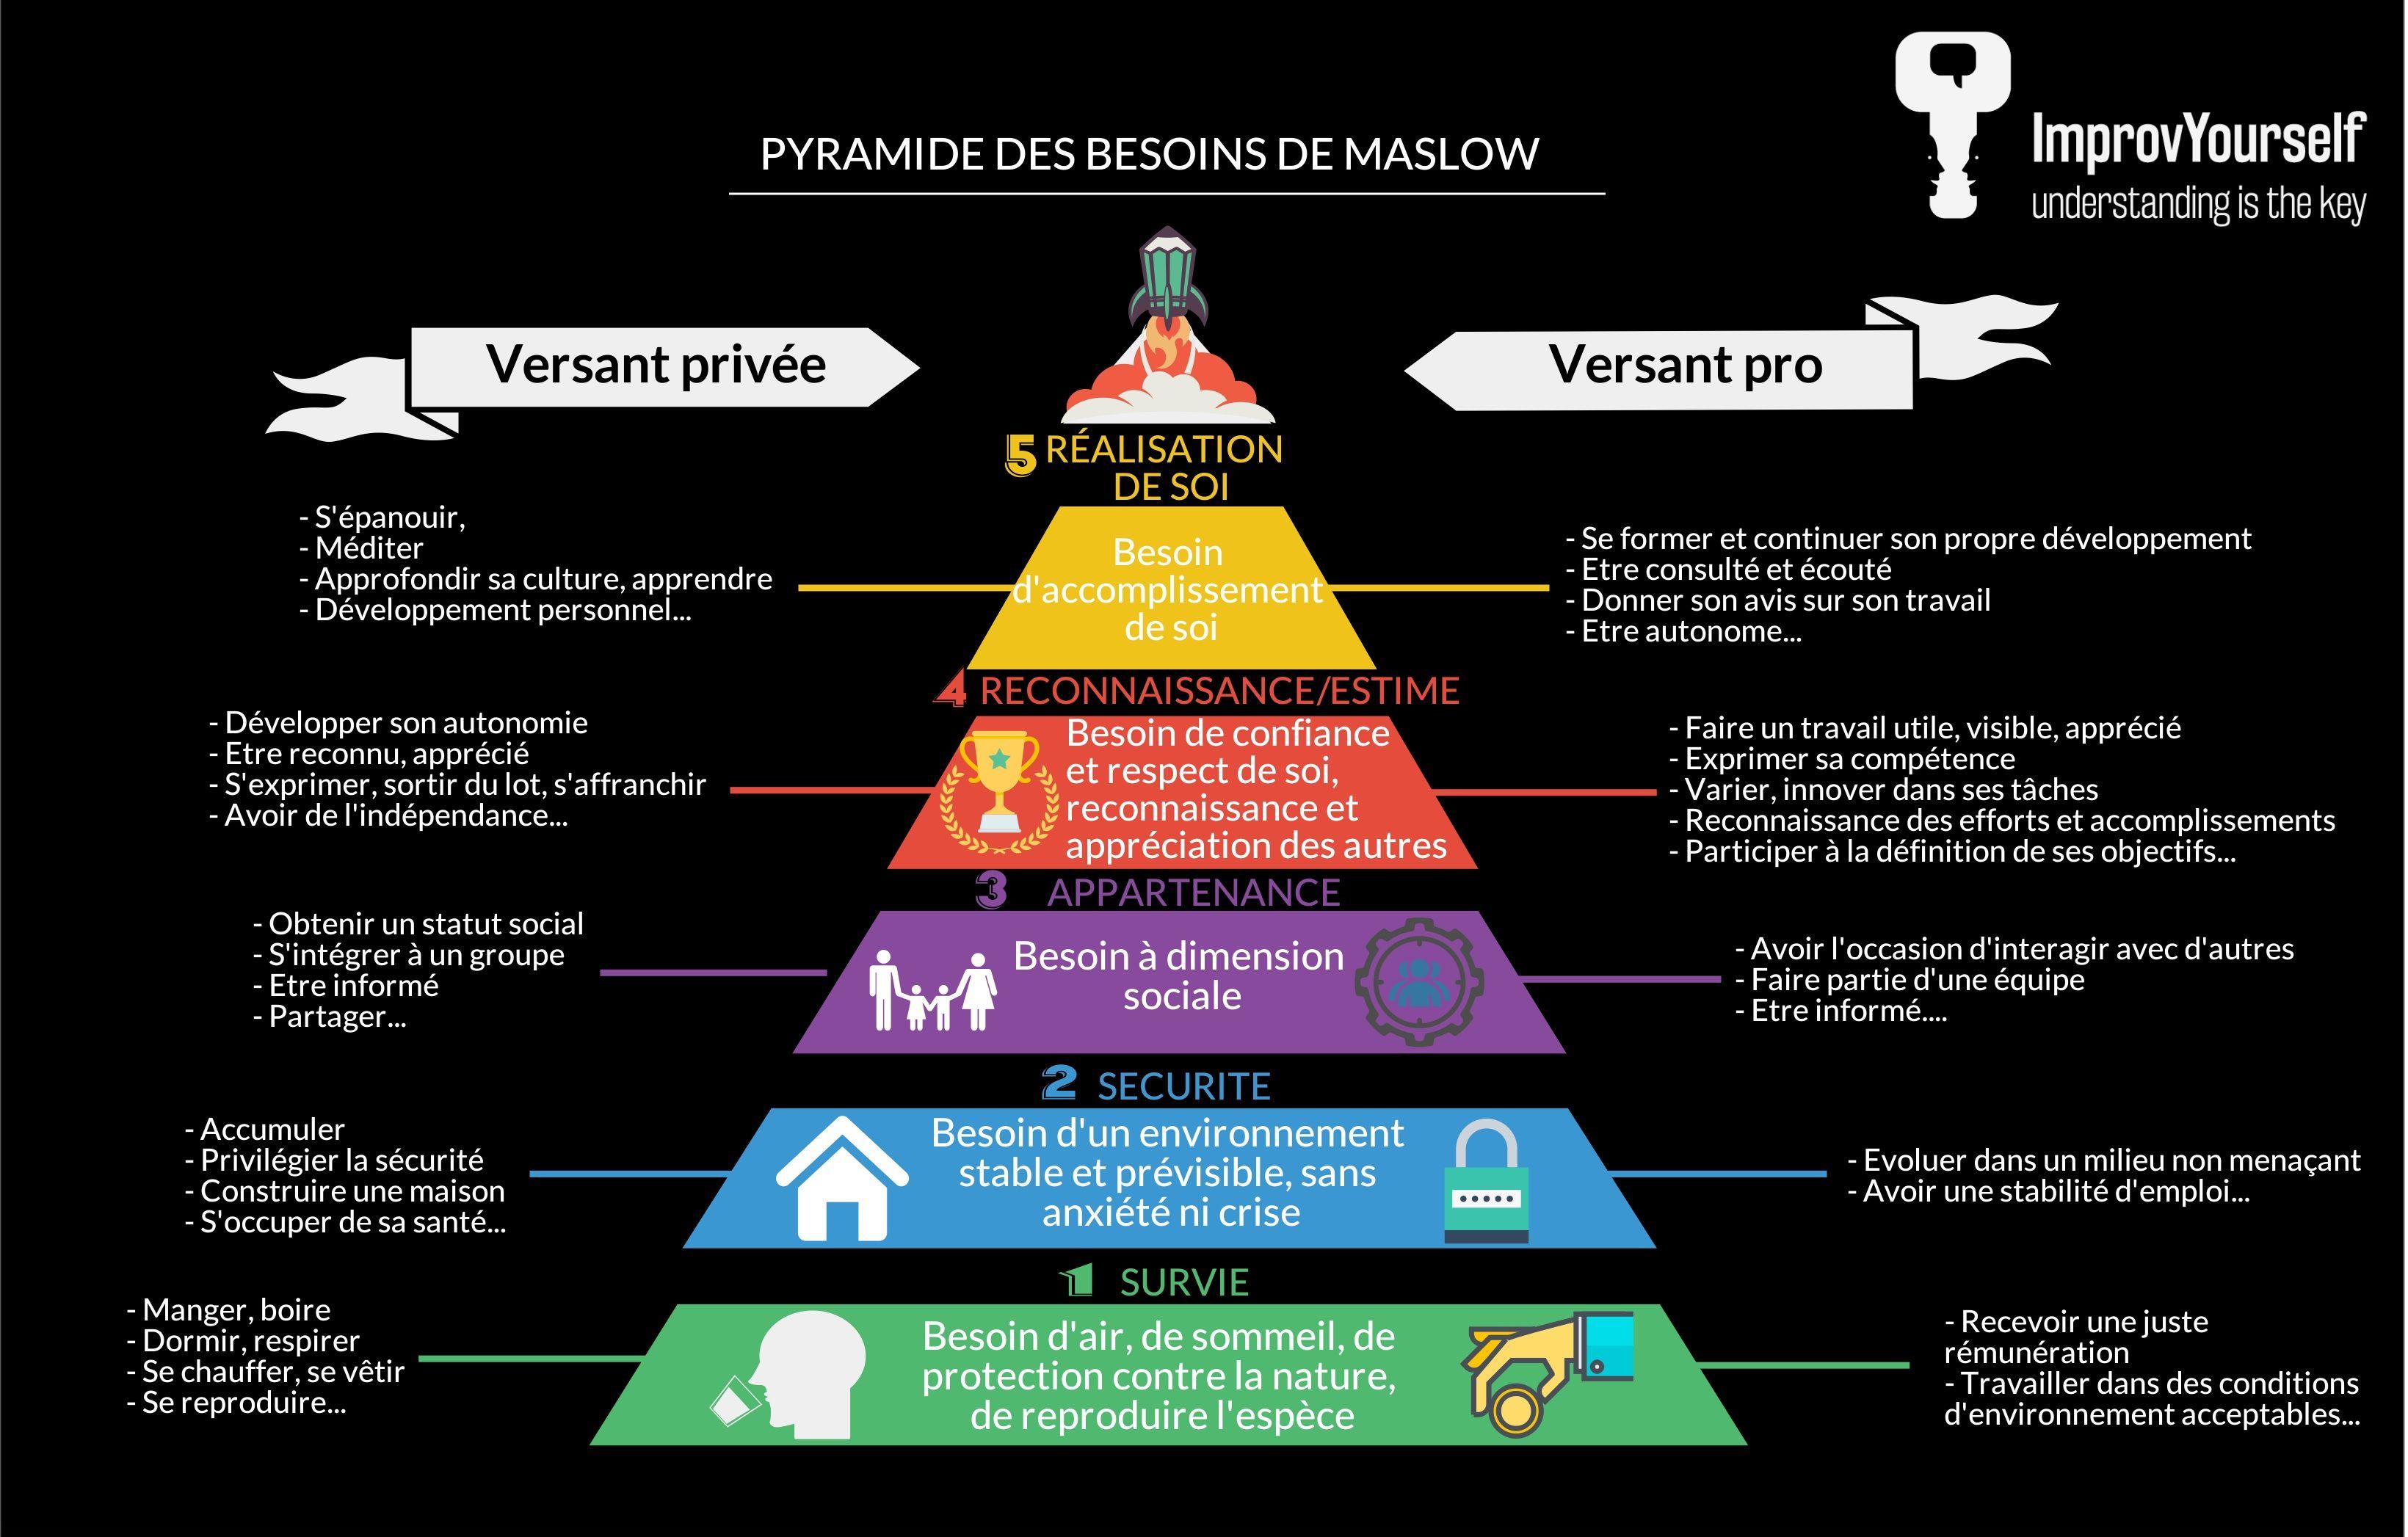 pyramide des besoins de maslow sant bien etre pinterest pyramide des besoins besoin de. Black Bedroom Furniture Sets. Home Design Ideas